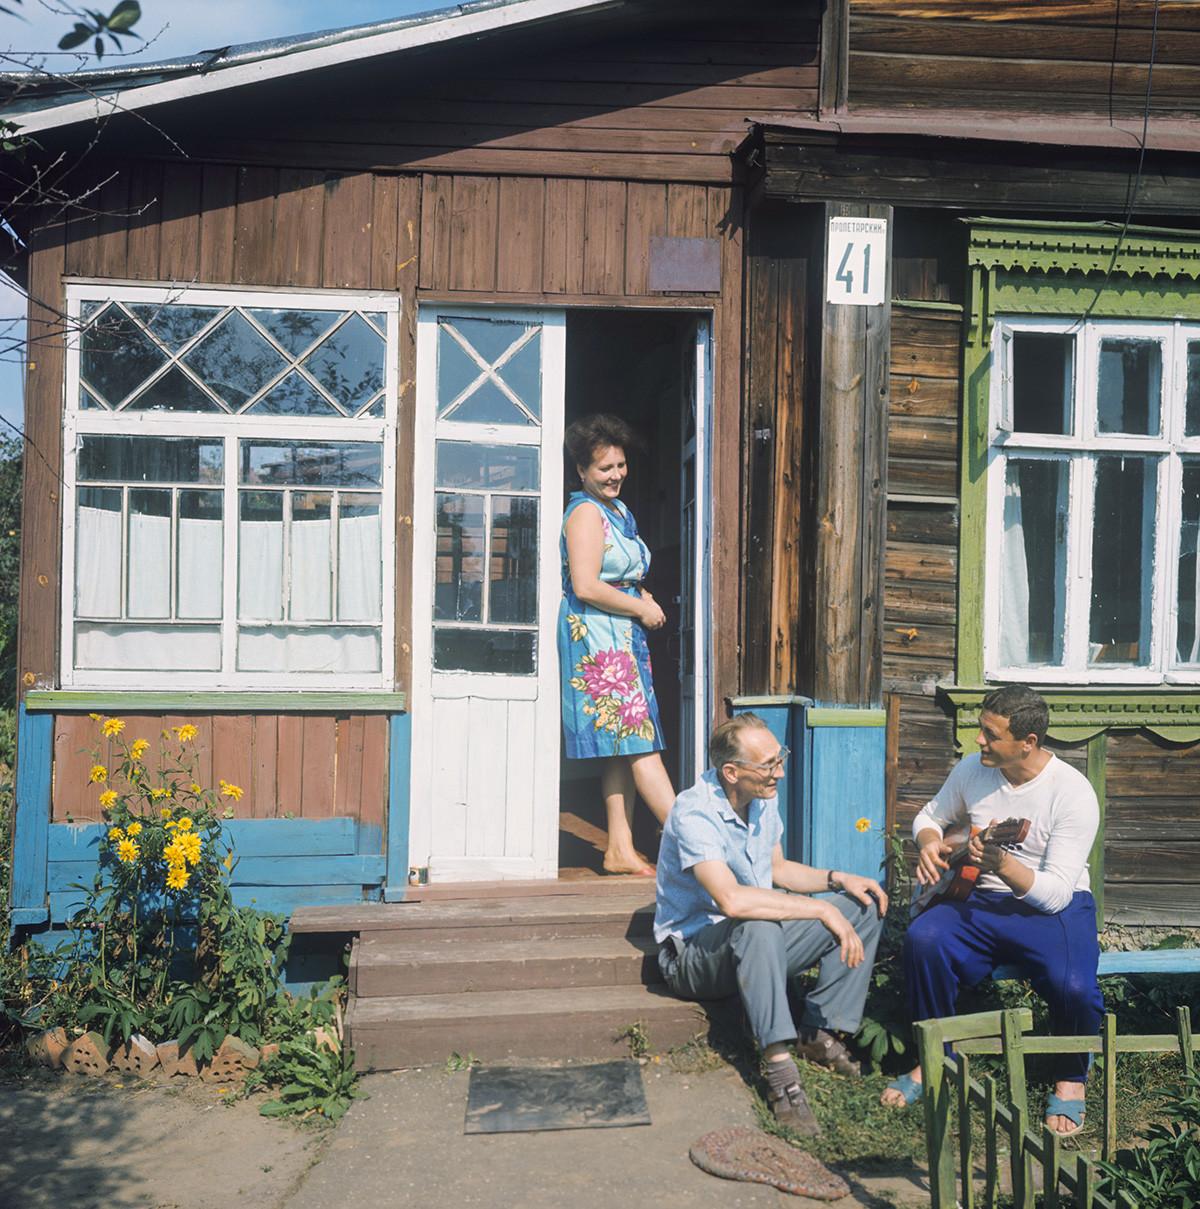 Il pilota-cosmonauta sovietico Vladislav Volkov con sua moglie e suo suocero in dacia